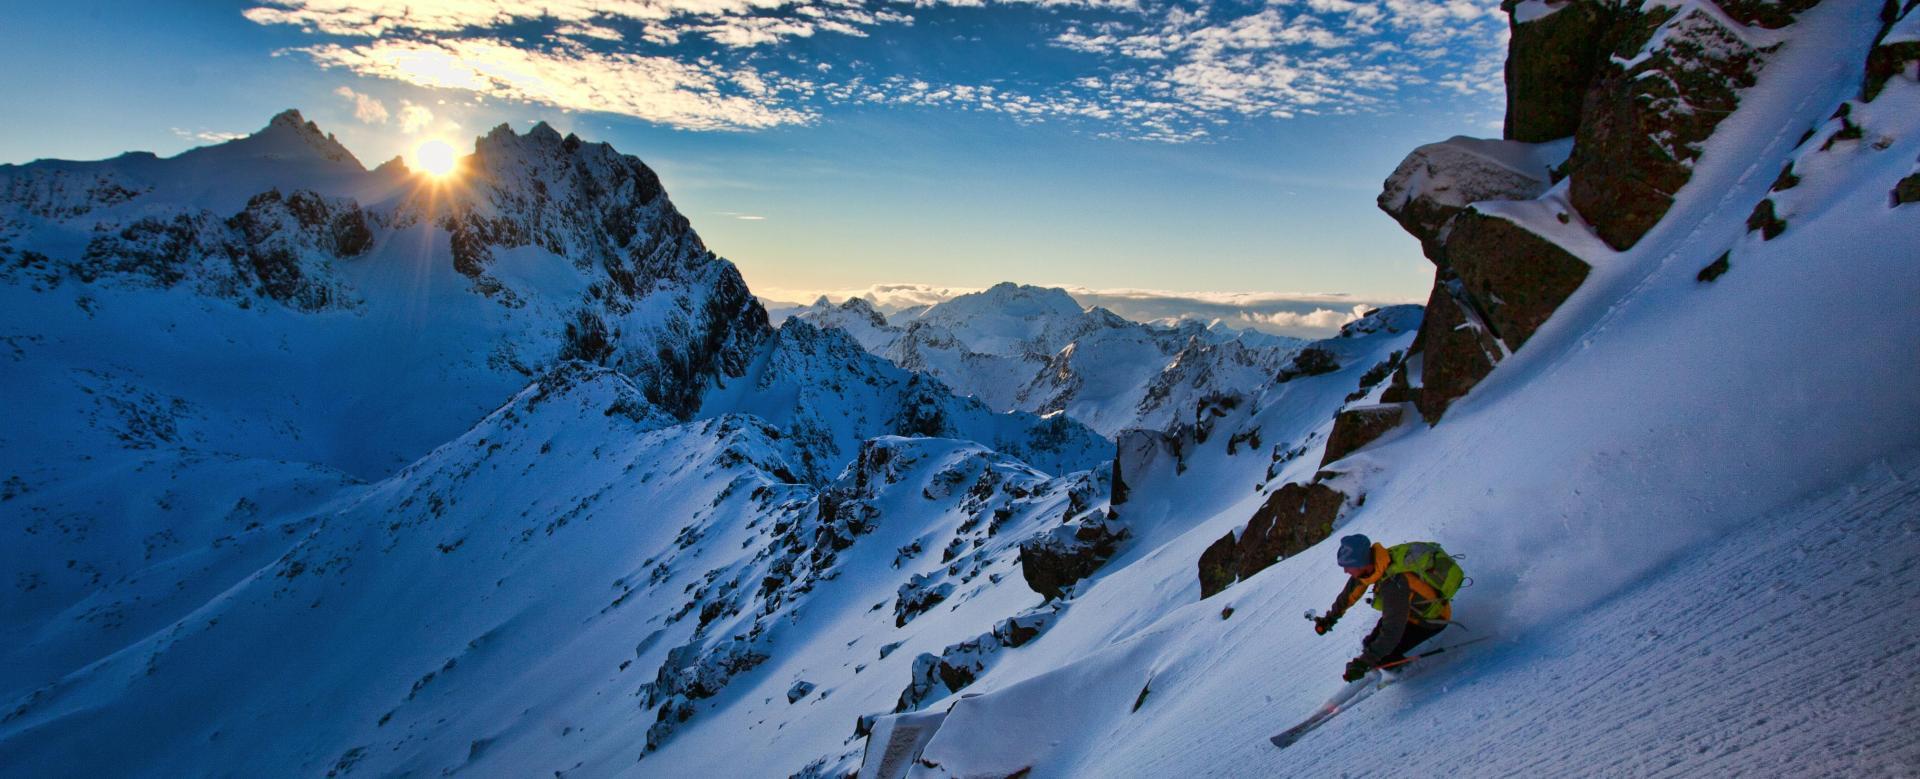 Voyage à la neige Norvège : Ski et aurores boréales dans les alpes de lyngen